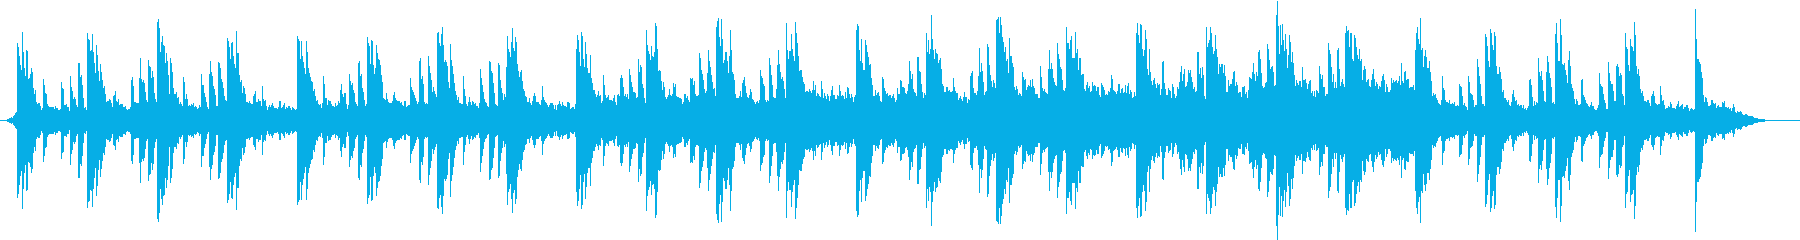 ミニマルなピアノ曲の再生済みの波形